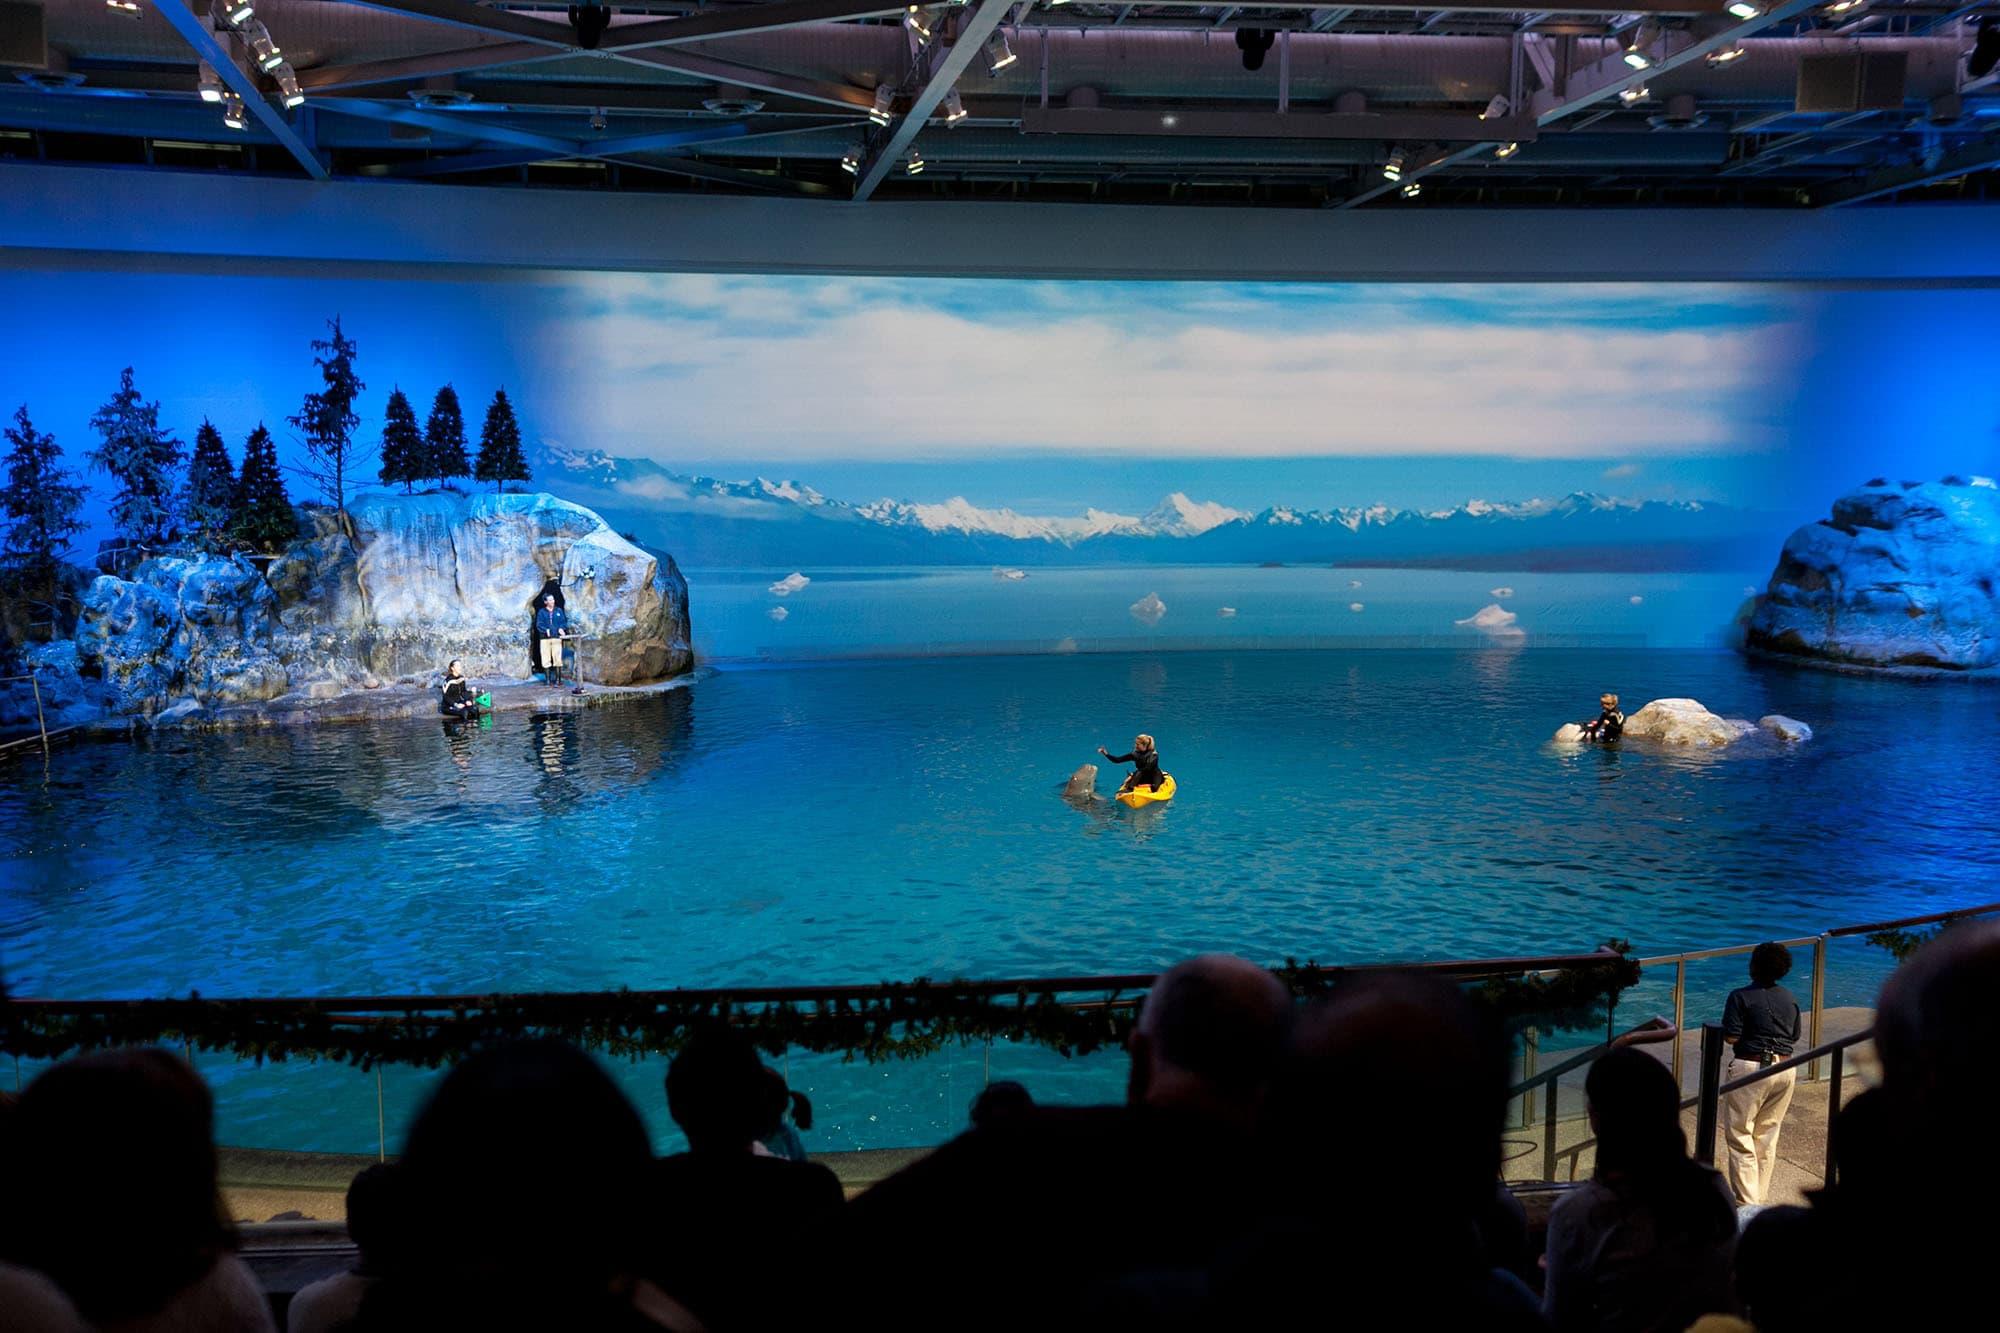 Shedd Aquarium in Chicago, Illinois.